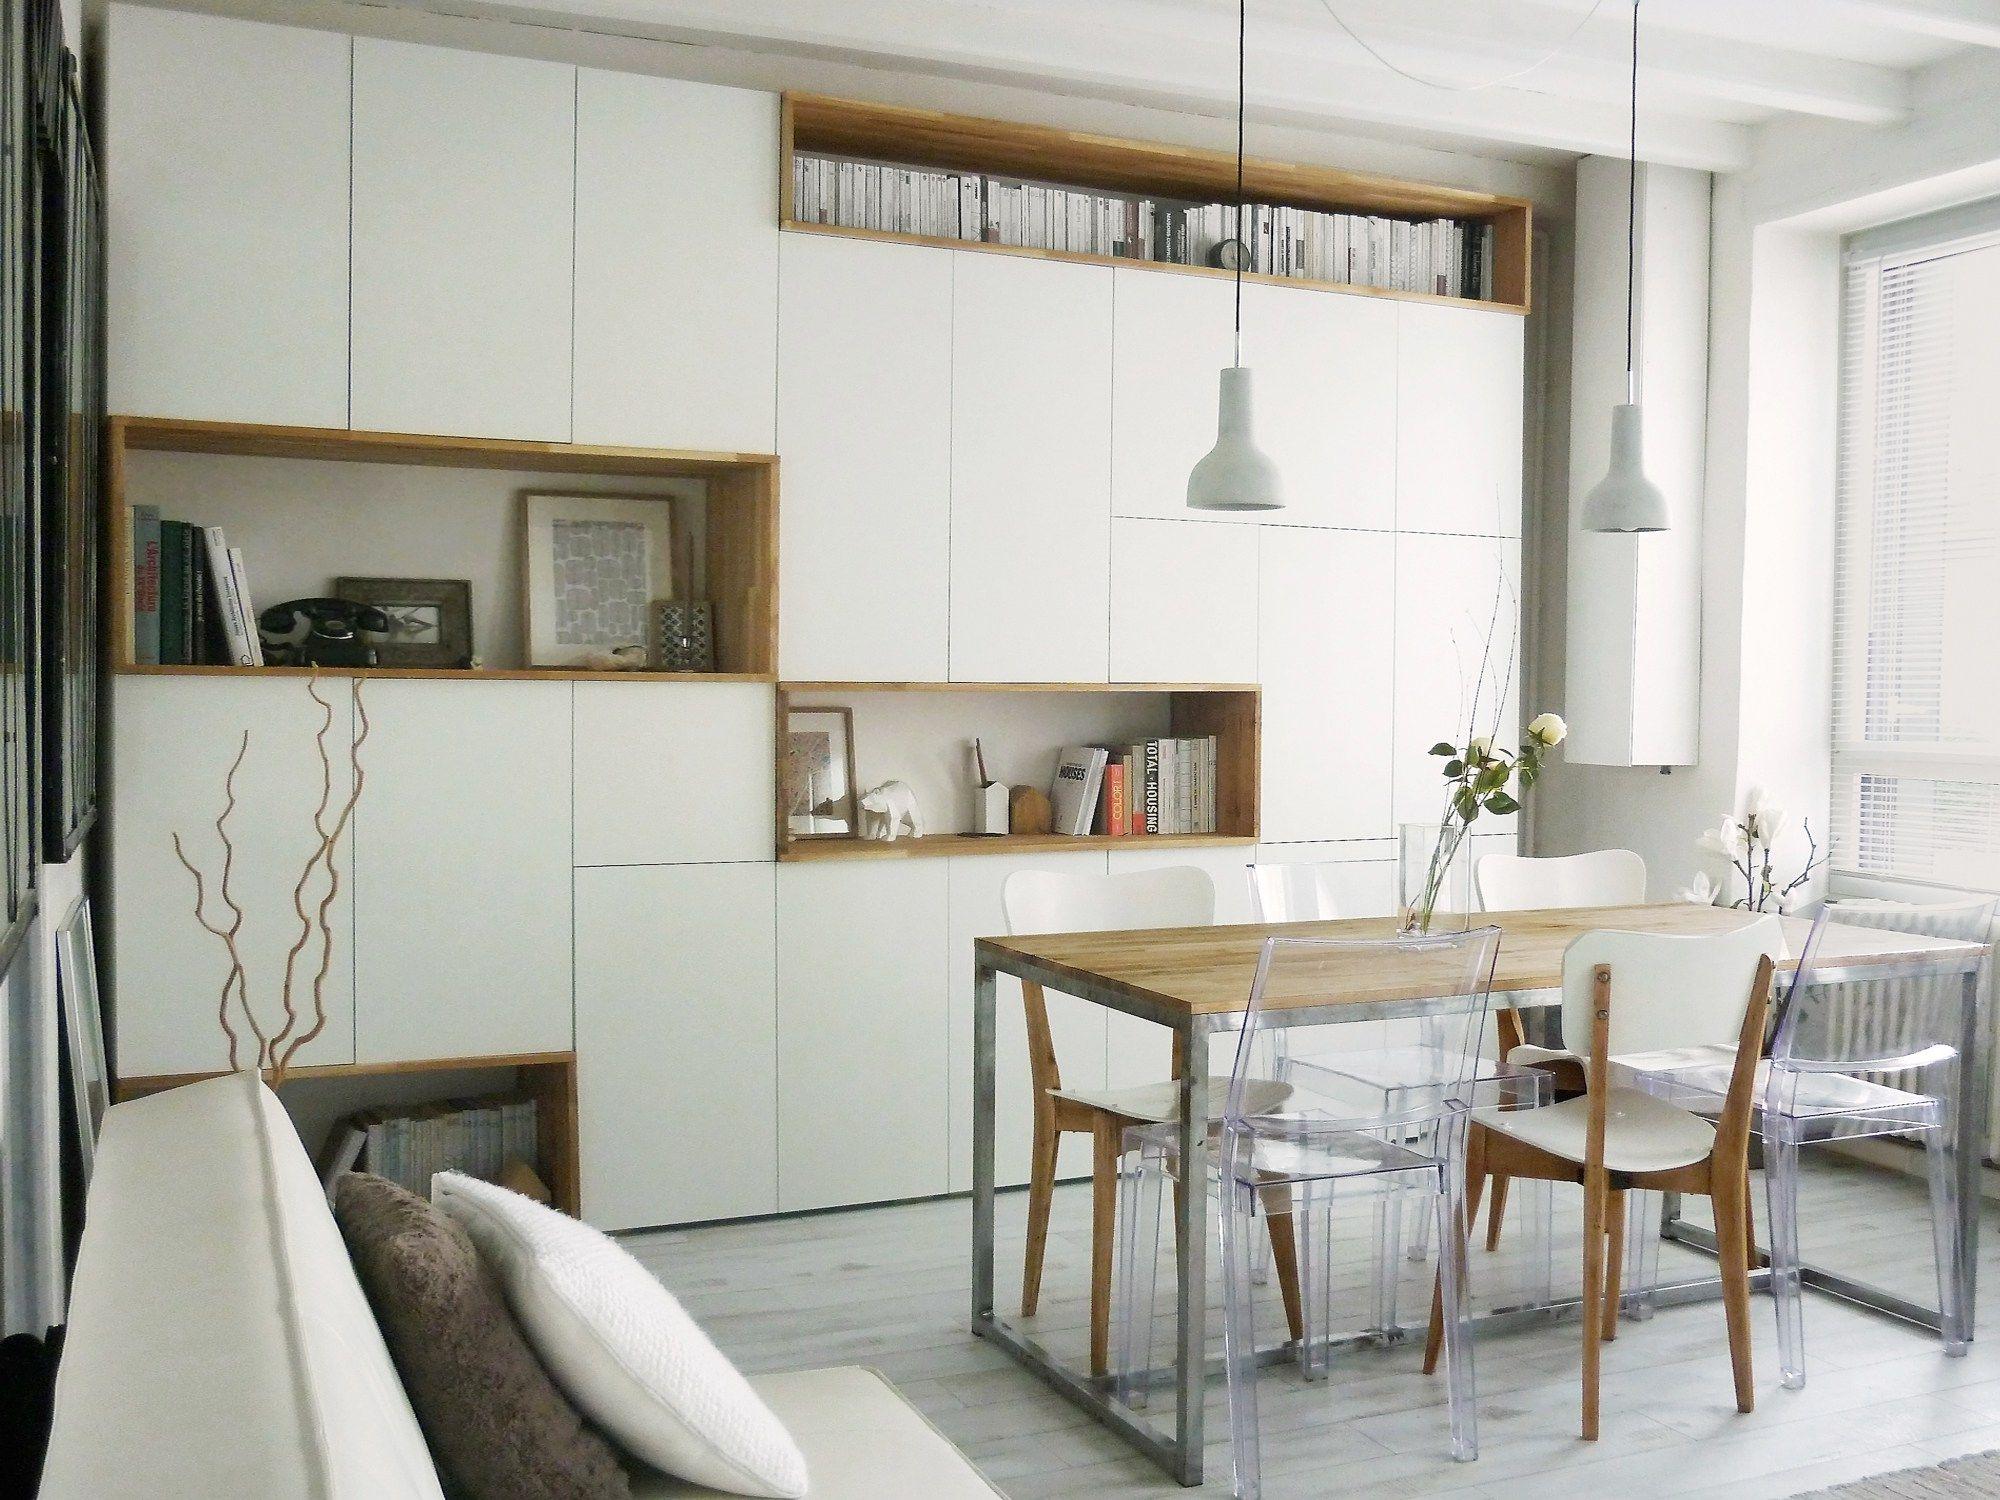 Mur rangements blanc bois scandinave salle manger rangement salon placard mural et meuble - Rangement placard mural ...